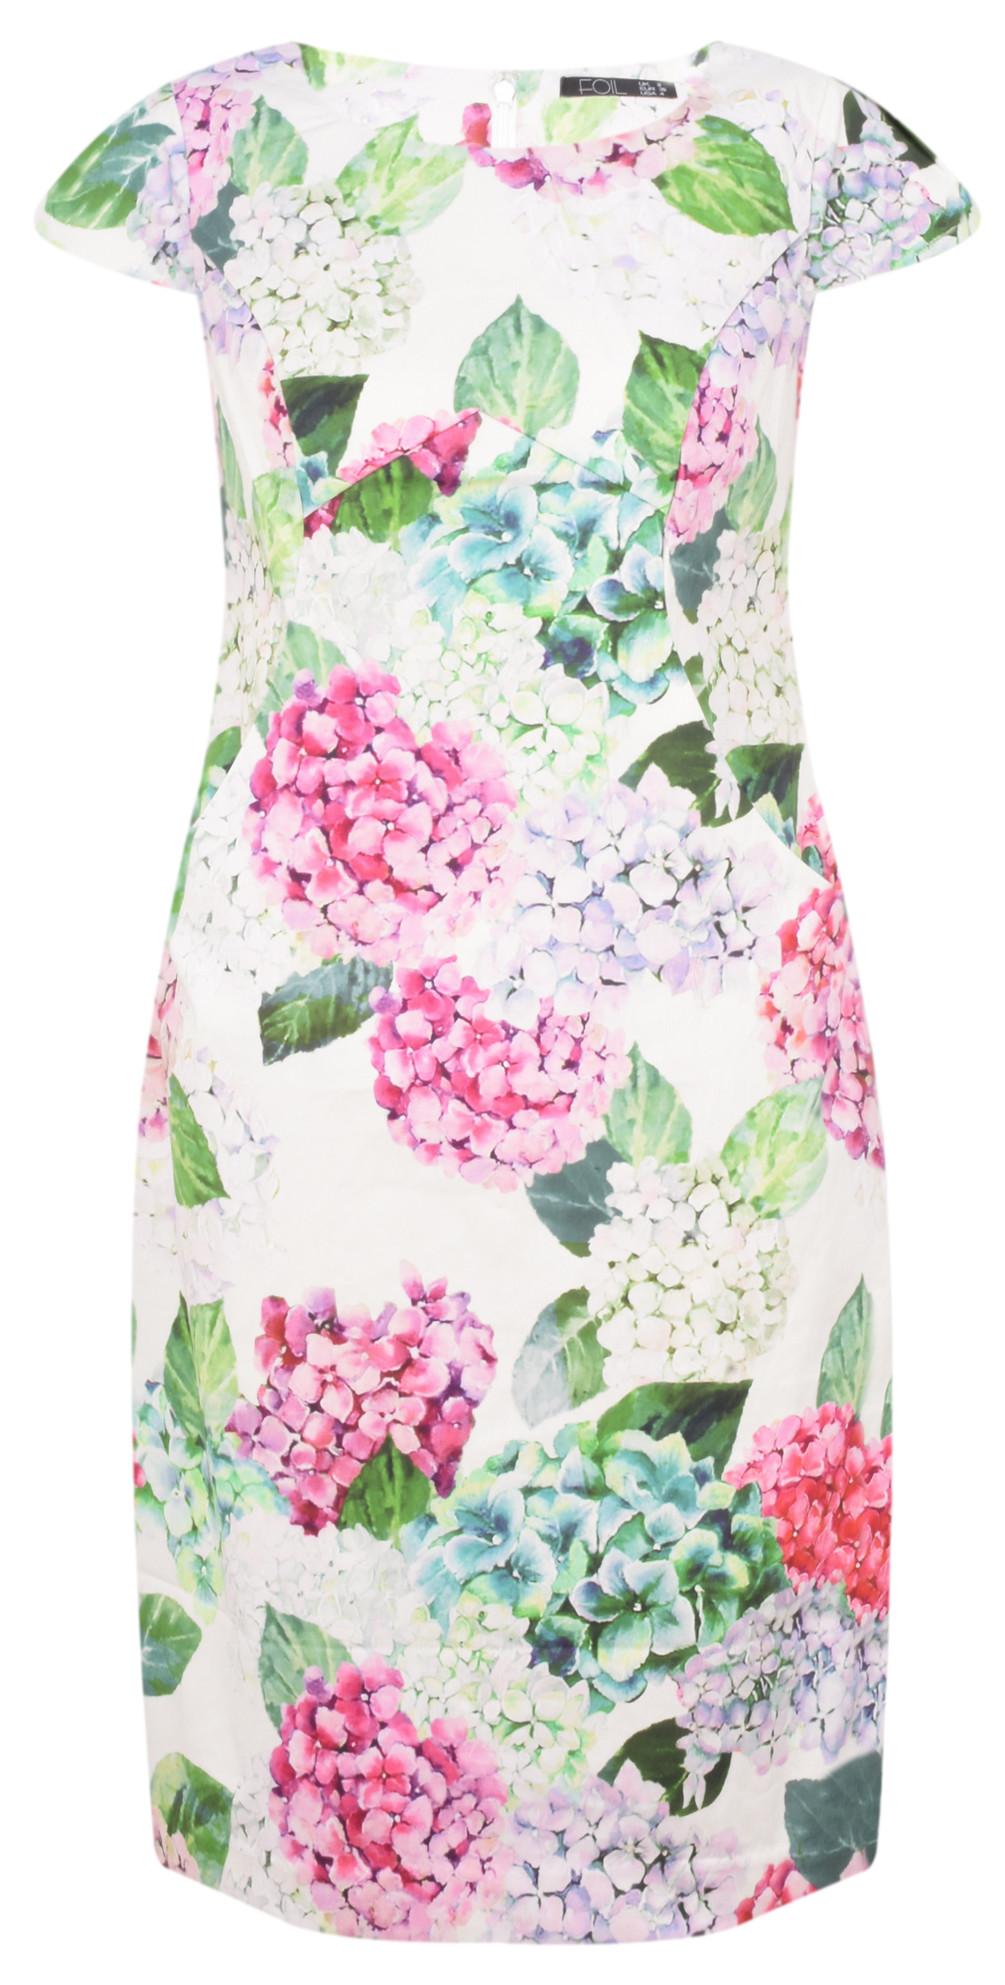 Printed Floral Dress main image